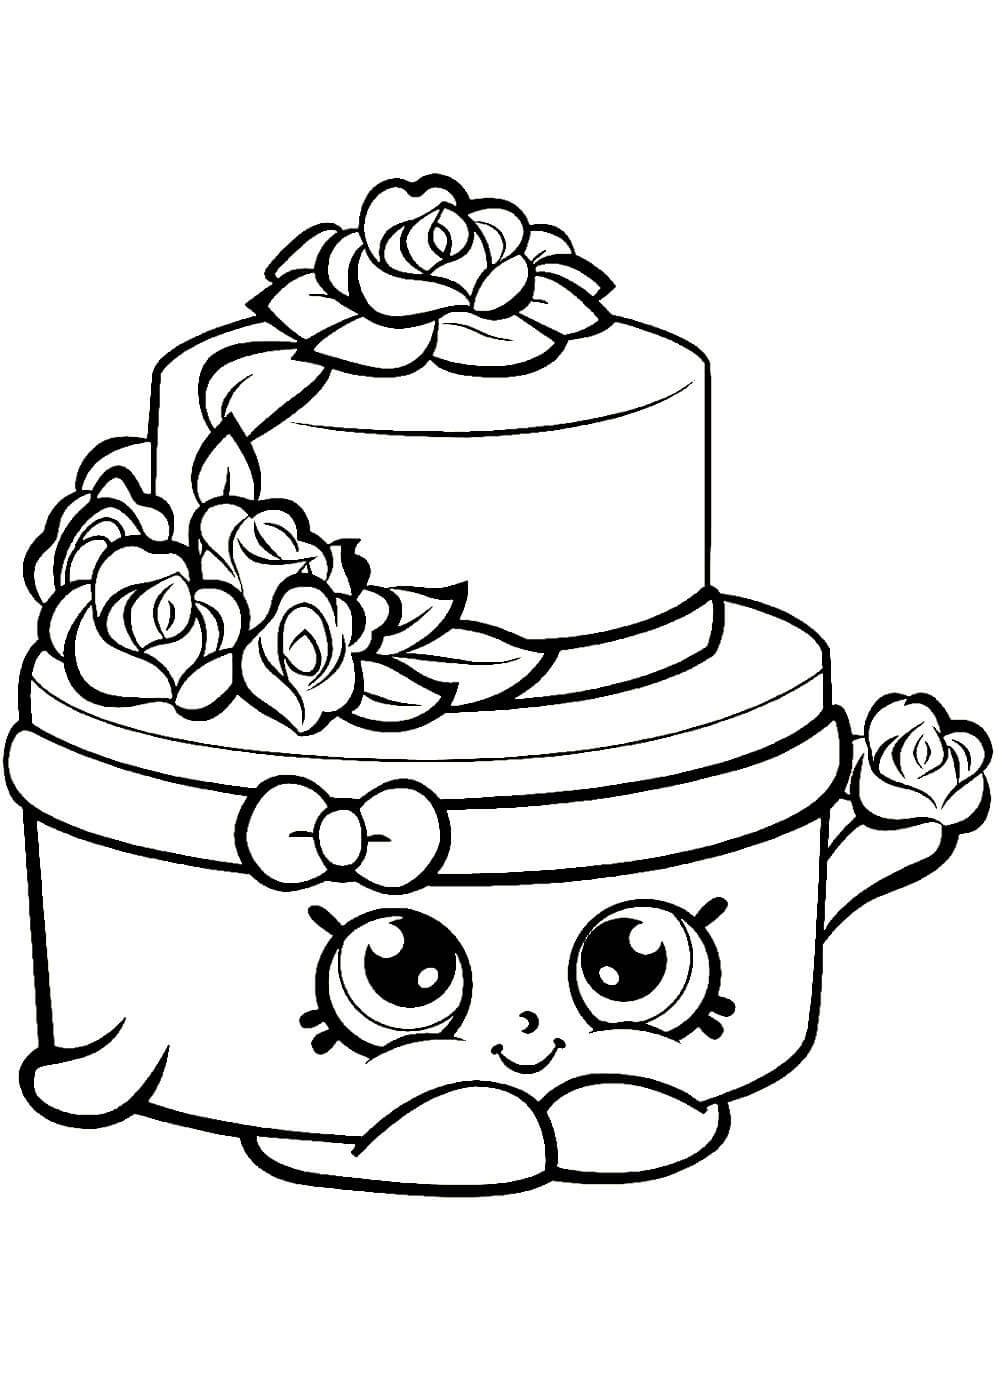 Раскраски тортов распечатать или скачать бесплатно в ...